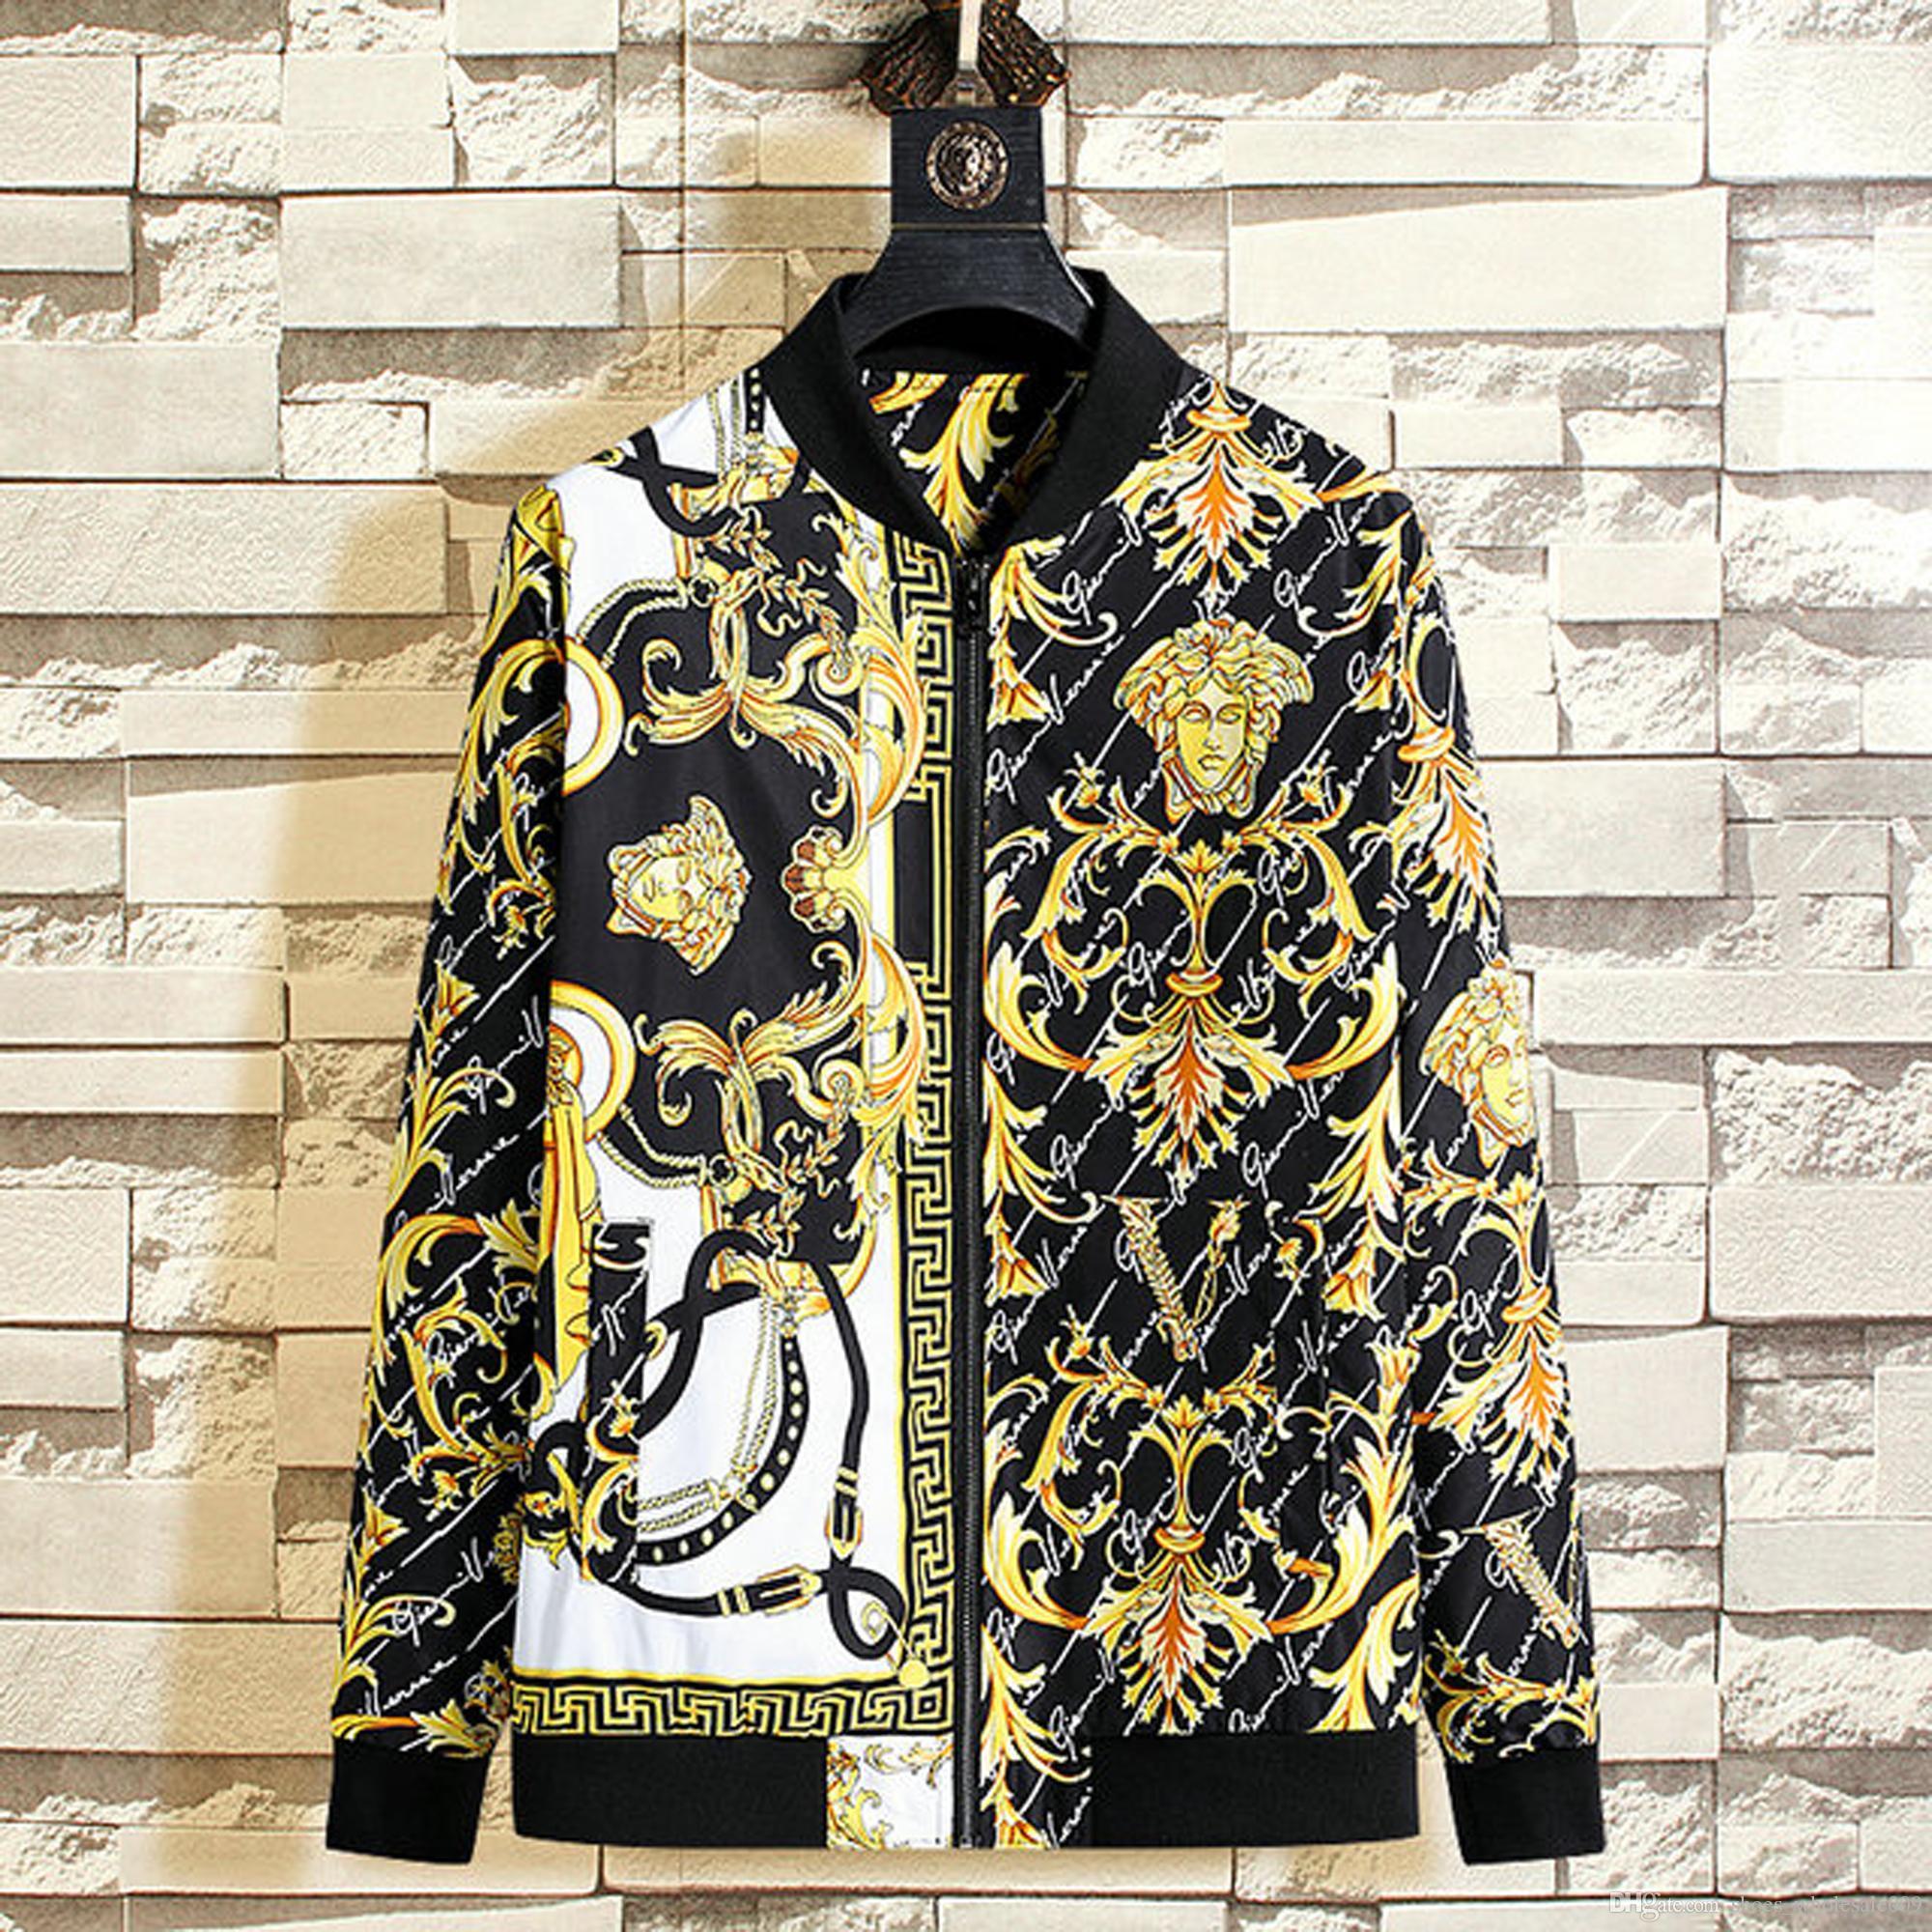 VERSA al por mayor del bordado de los hombres capa de la chaqueta del hombre de Hip Hop de Calle OFF Hombres chaqueta PALM Escudo Bombardero de ropa ÁNGELES zapatos blancos del deslizador 06